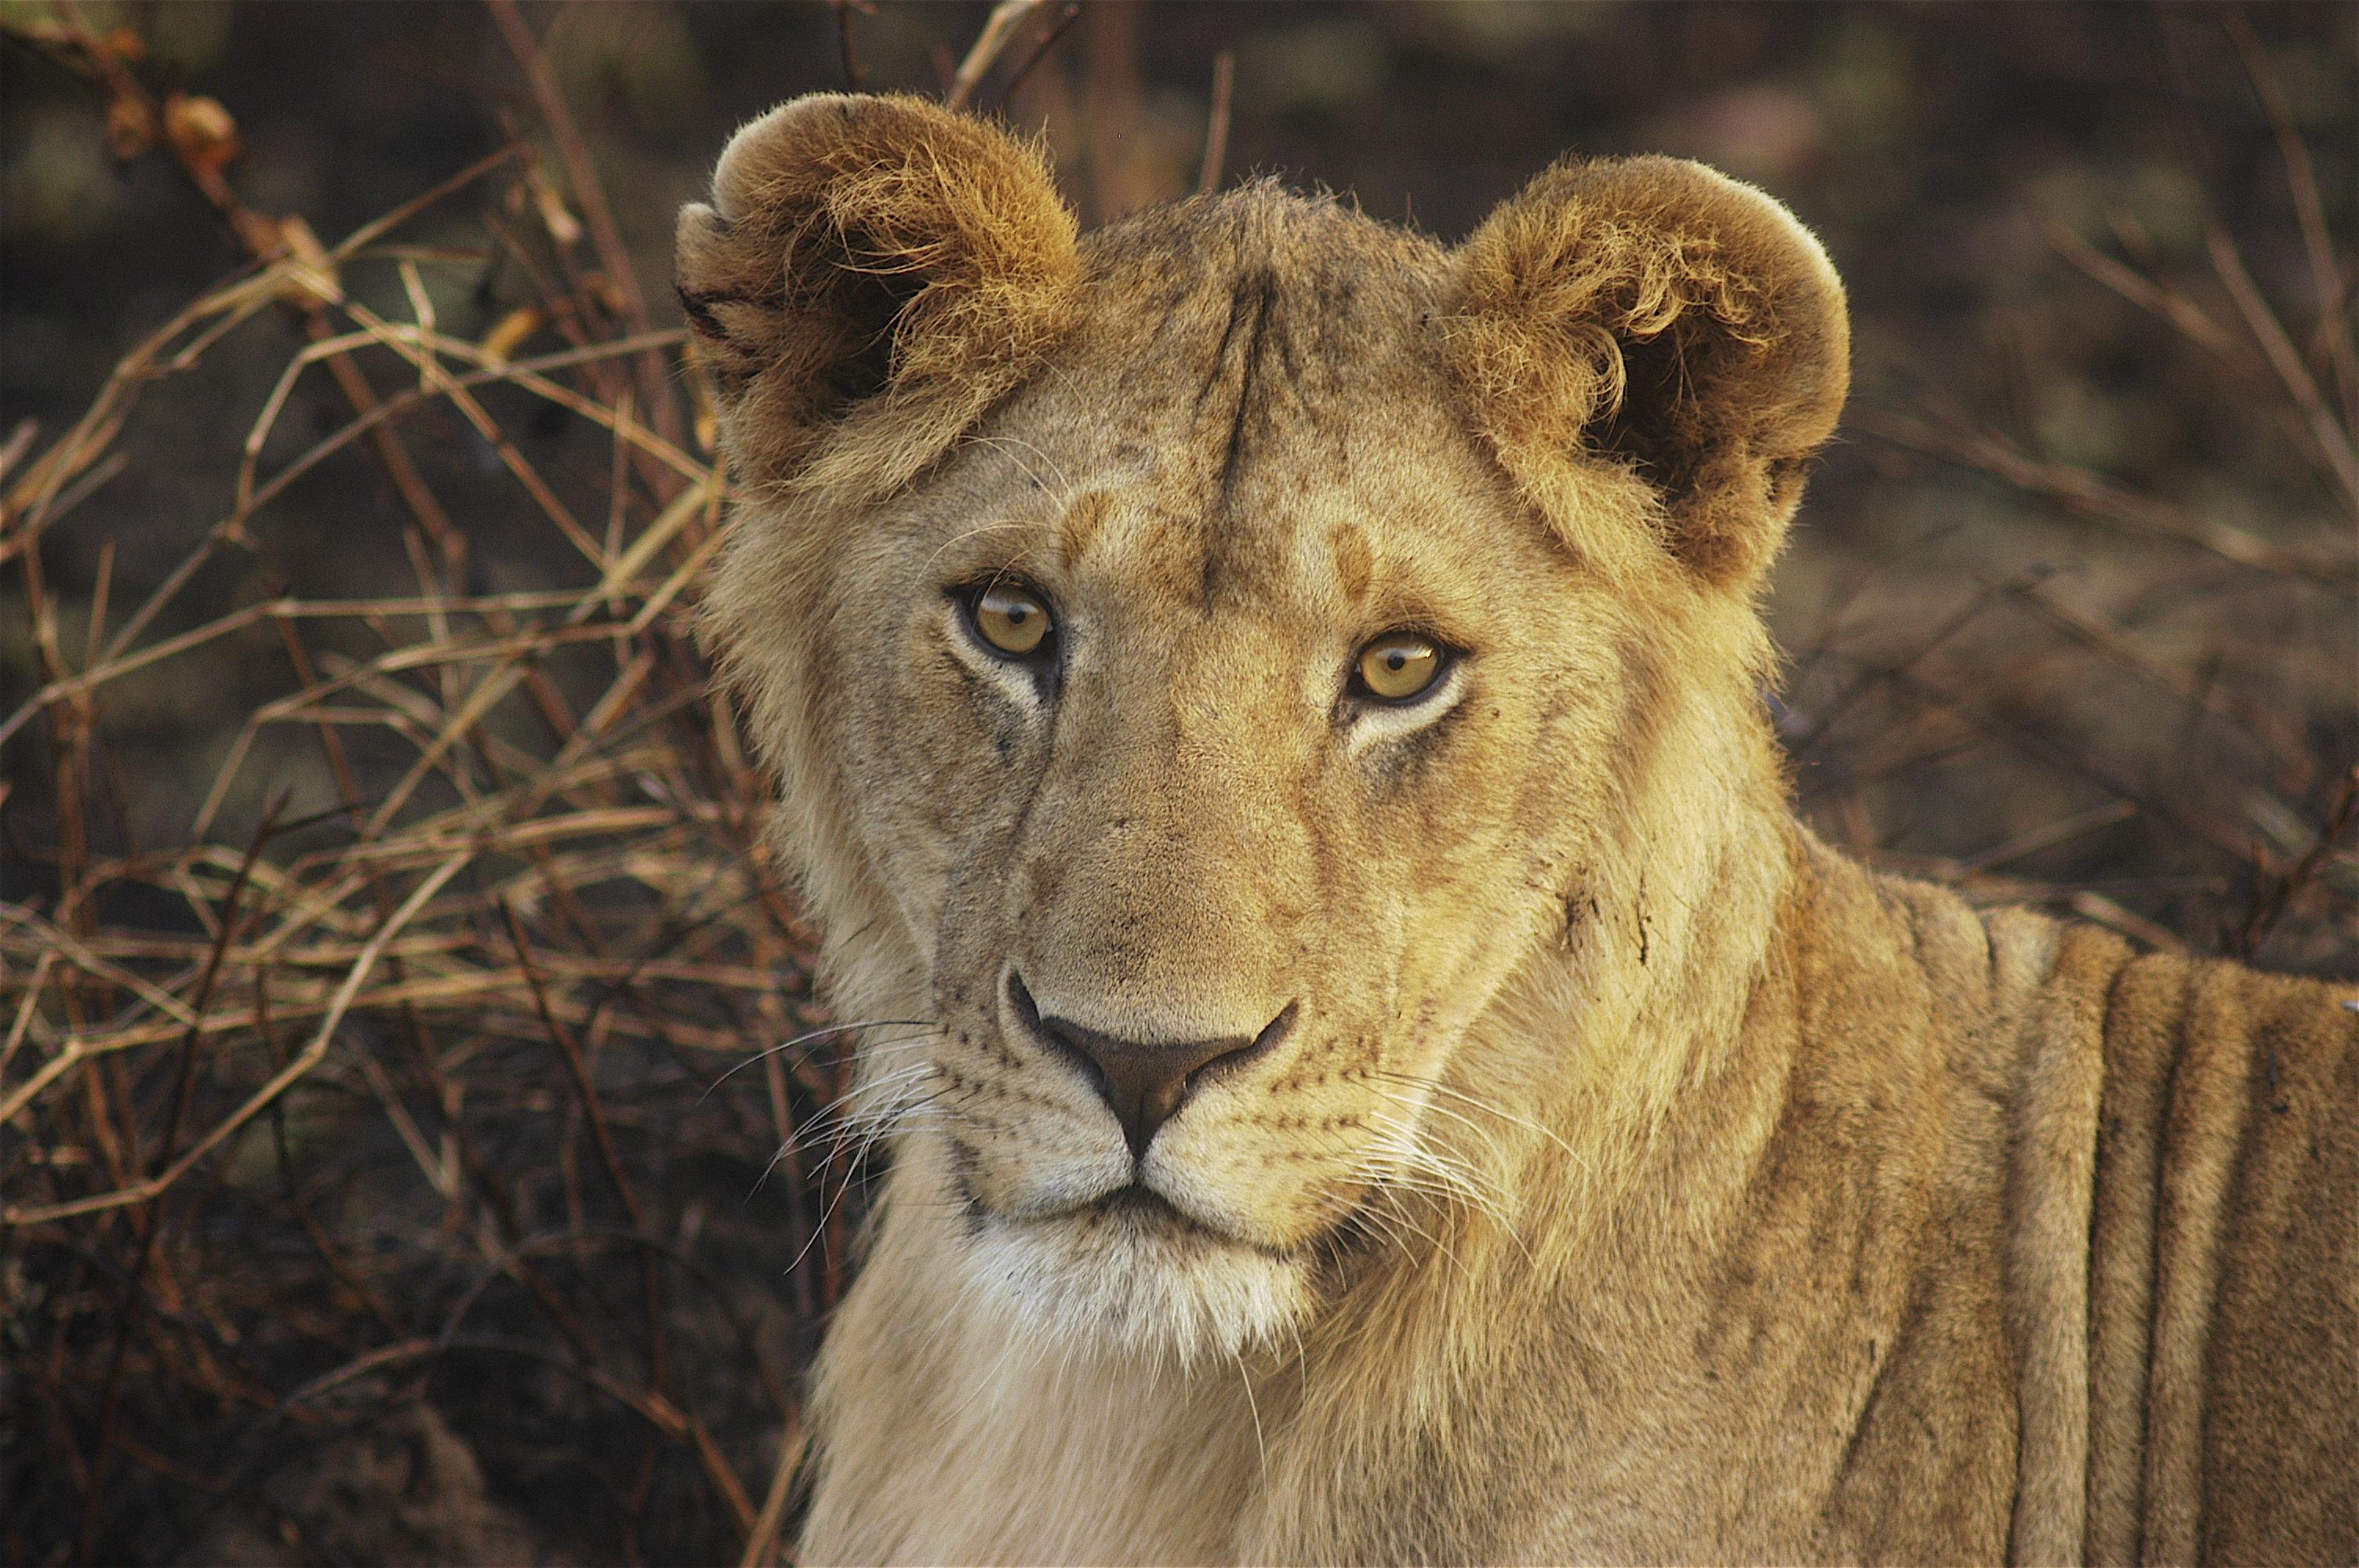 Young_Lion_Mara